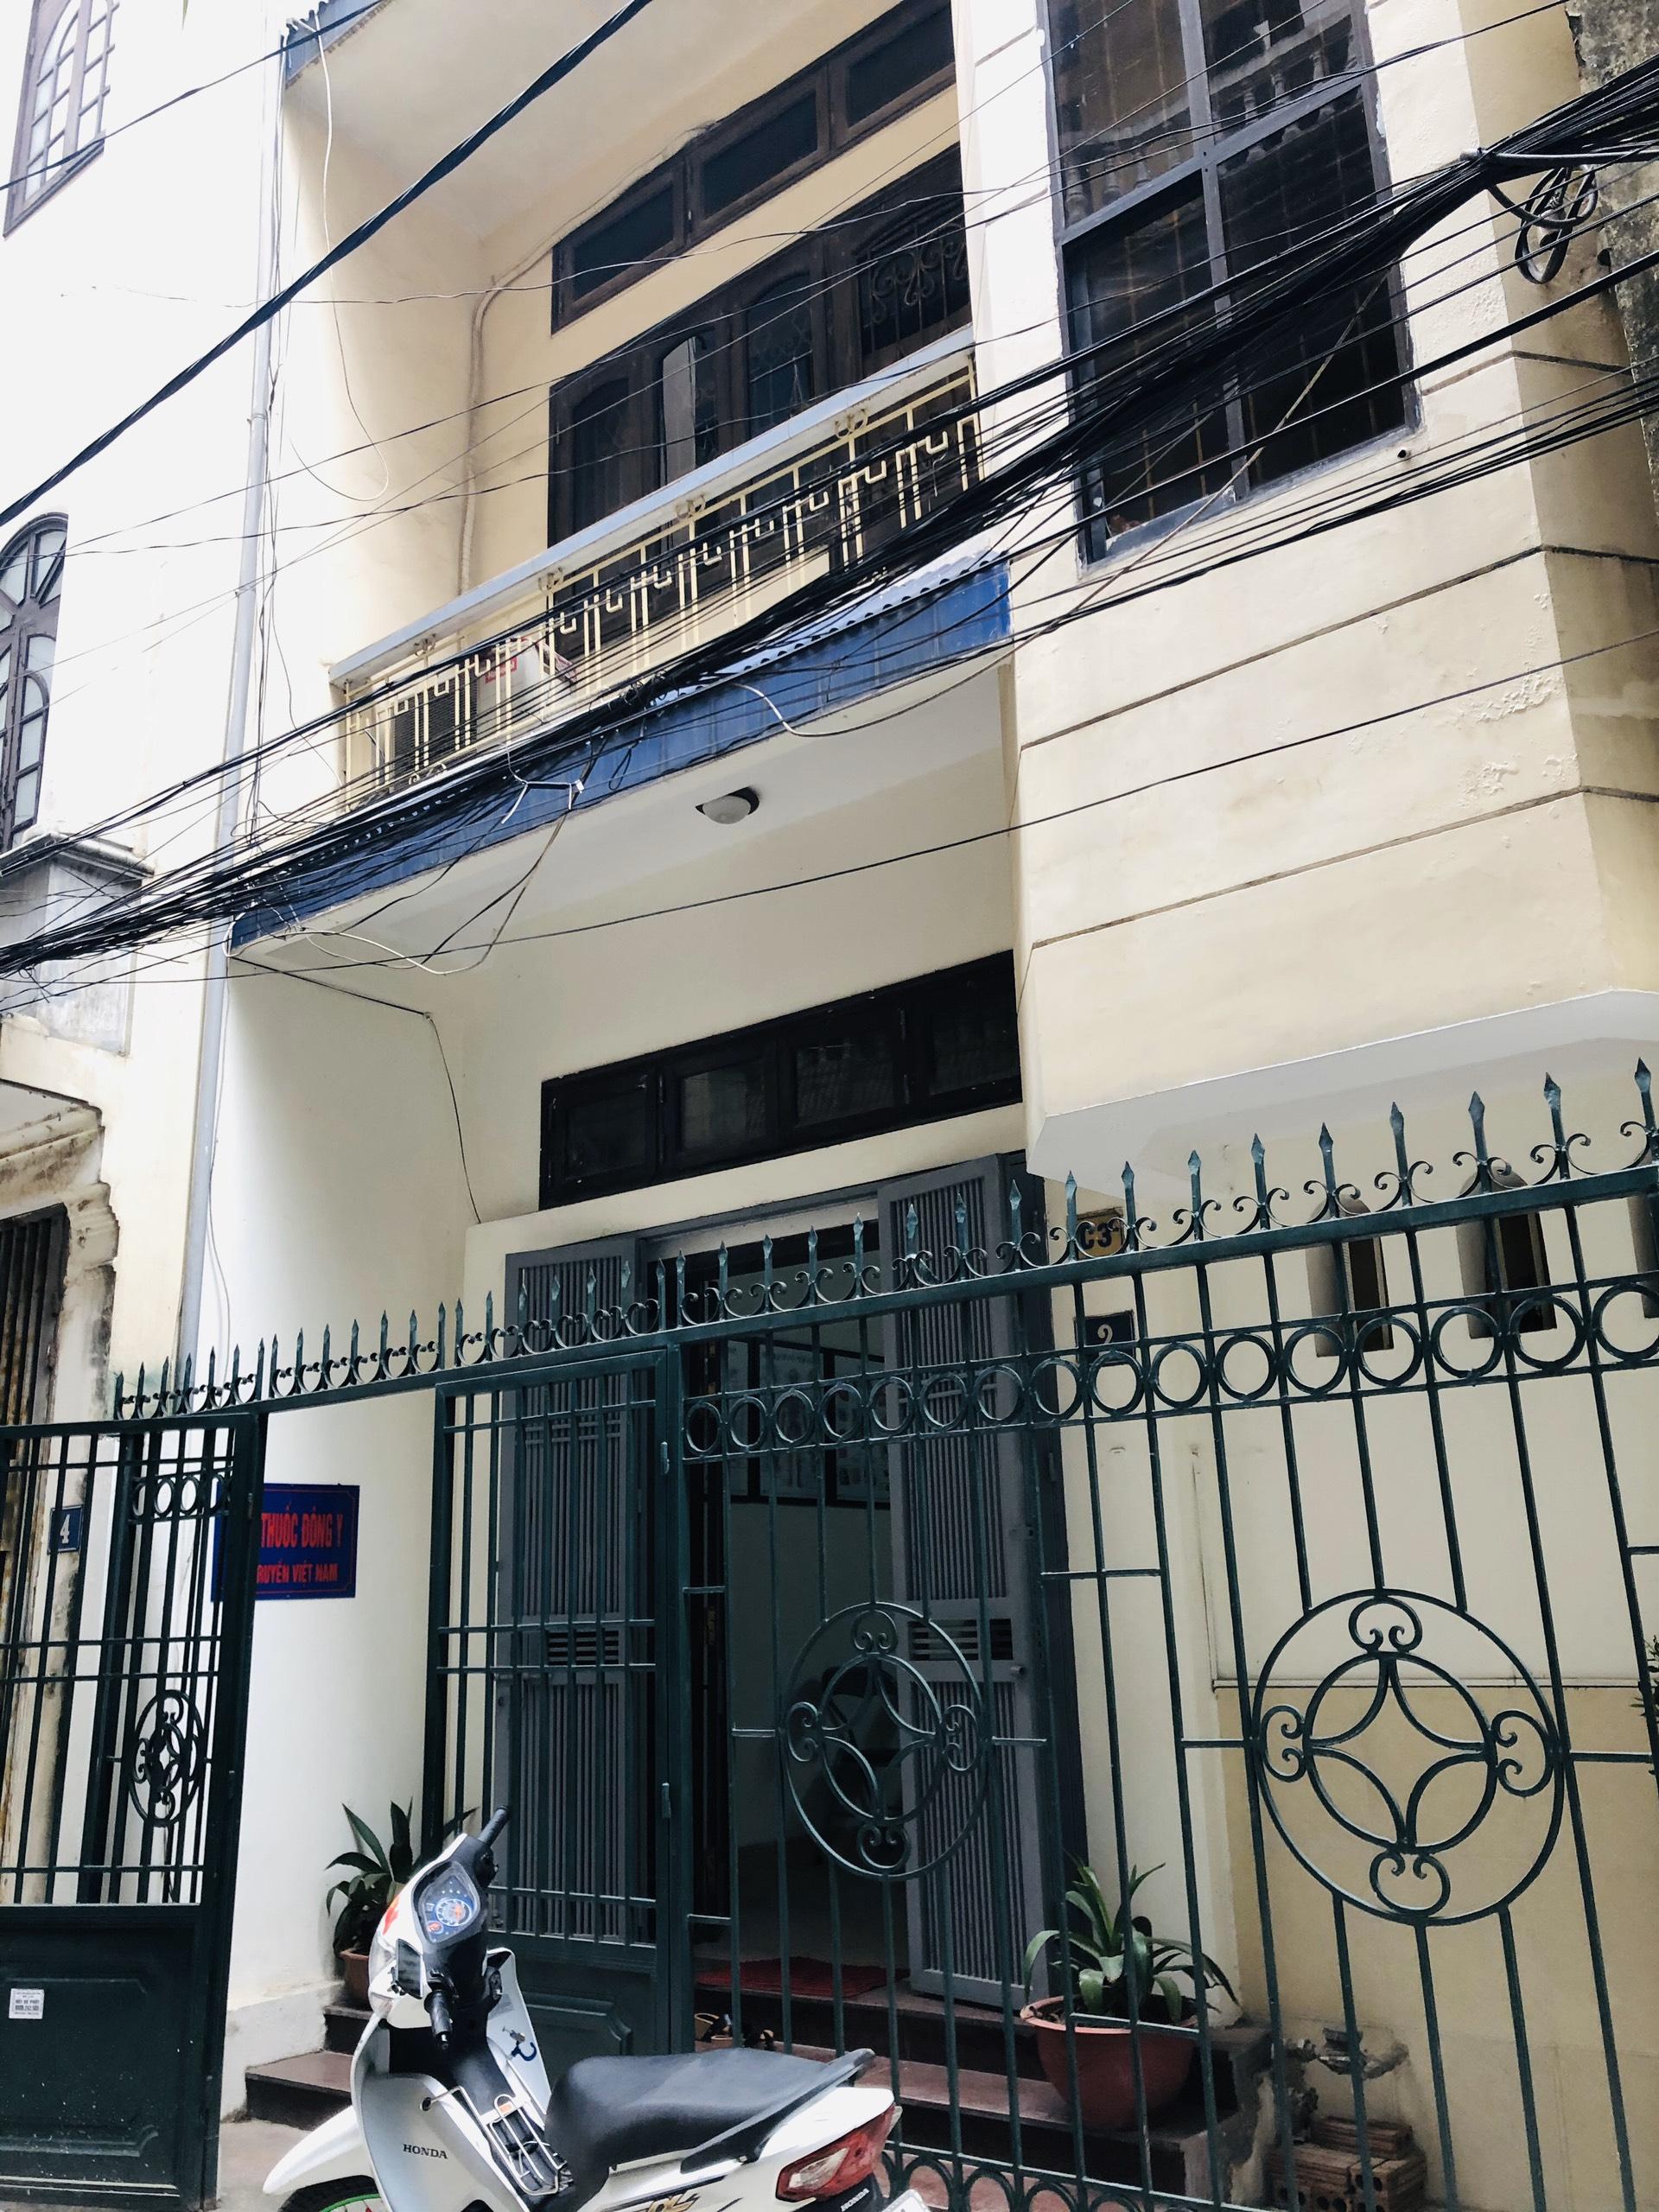 Phòng khám đông y của bác sĩ Trần Thu Hà tại địa chỉ  số 2/28 ngõ 210 Hoàng Quốc Việt, Cầu Giấy, Hà Nội.